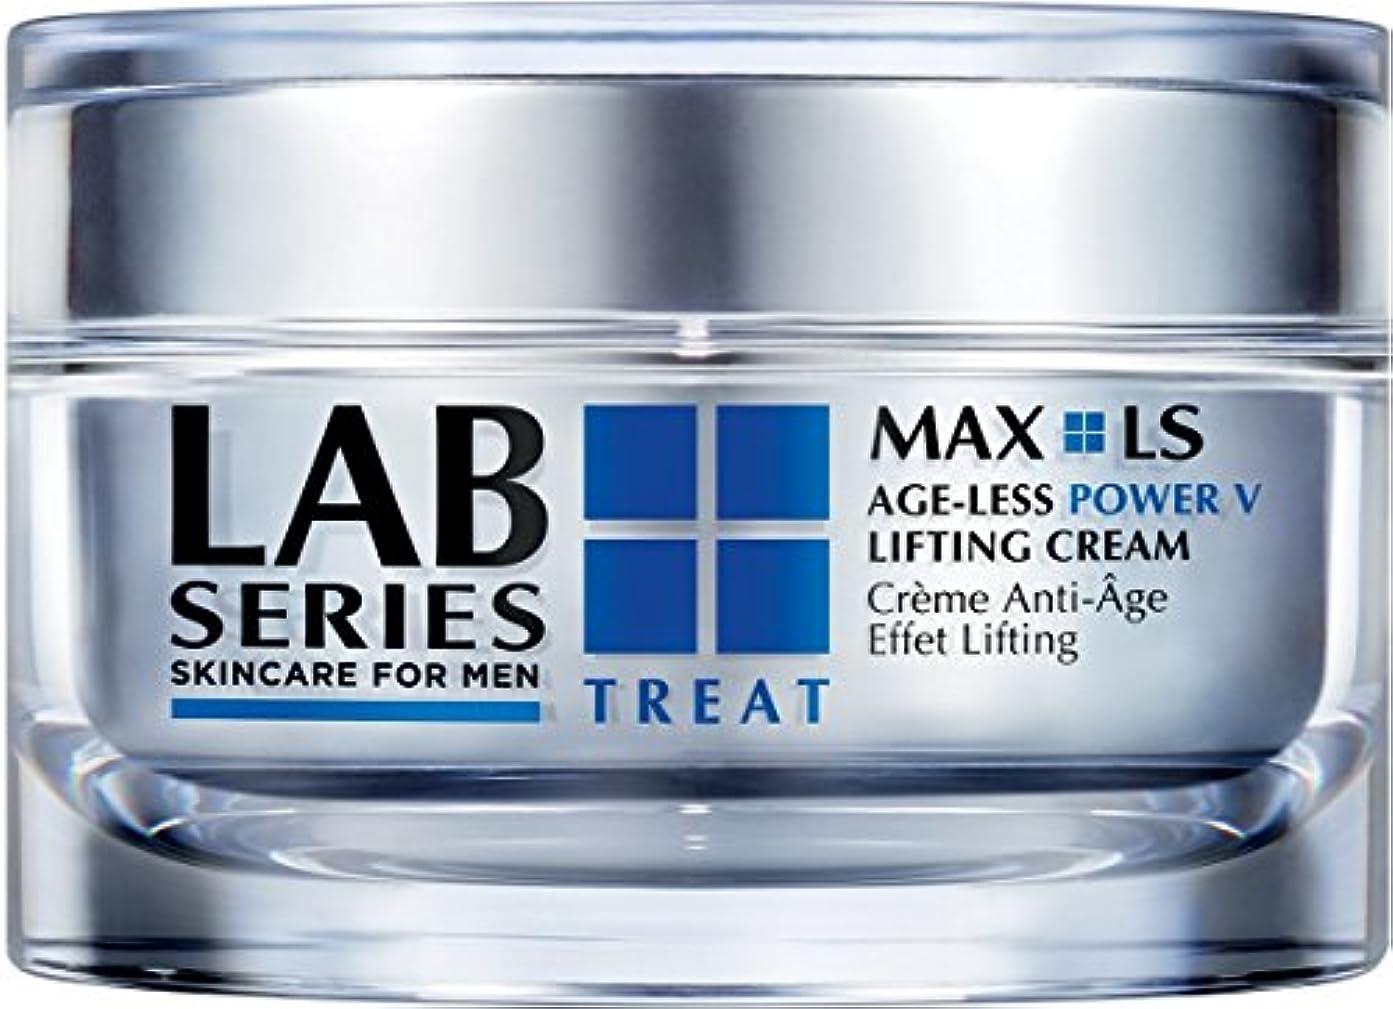 冷酷なマーカー熟達ラボシリーズ (LAB SERIES) マックス LS V クリーム 50mL